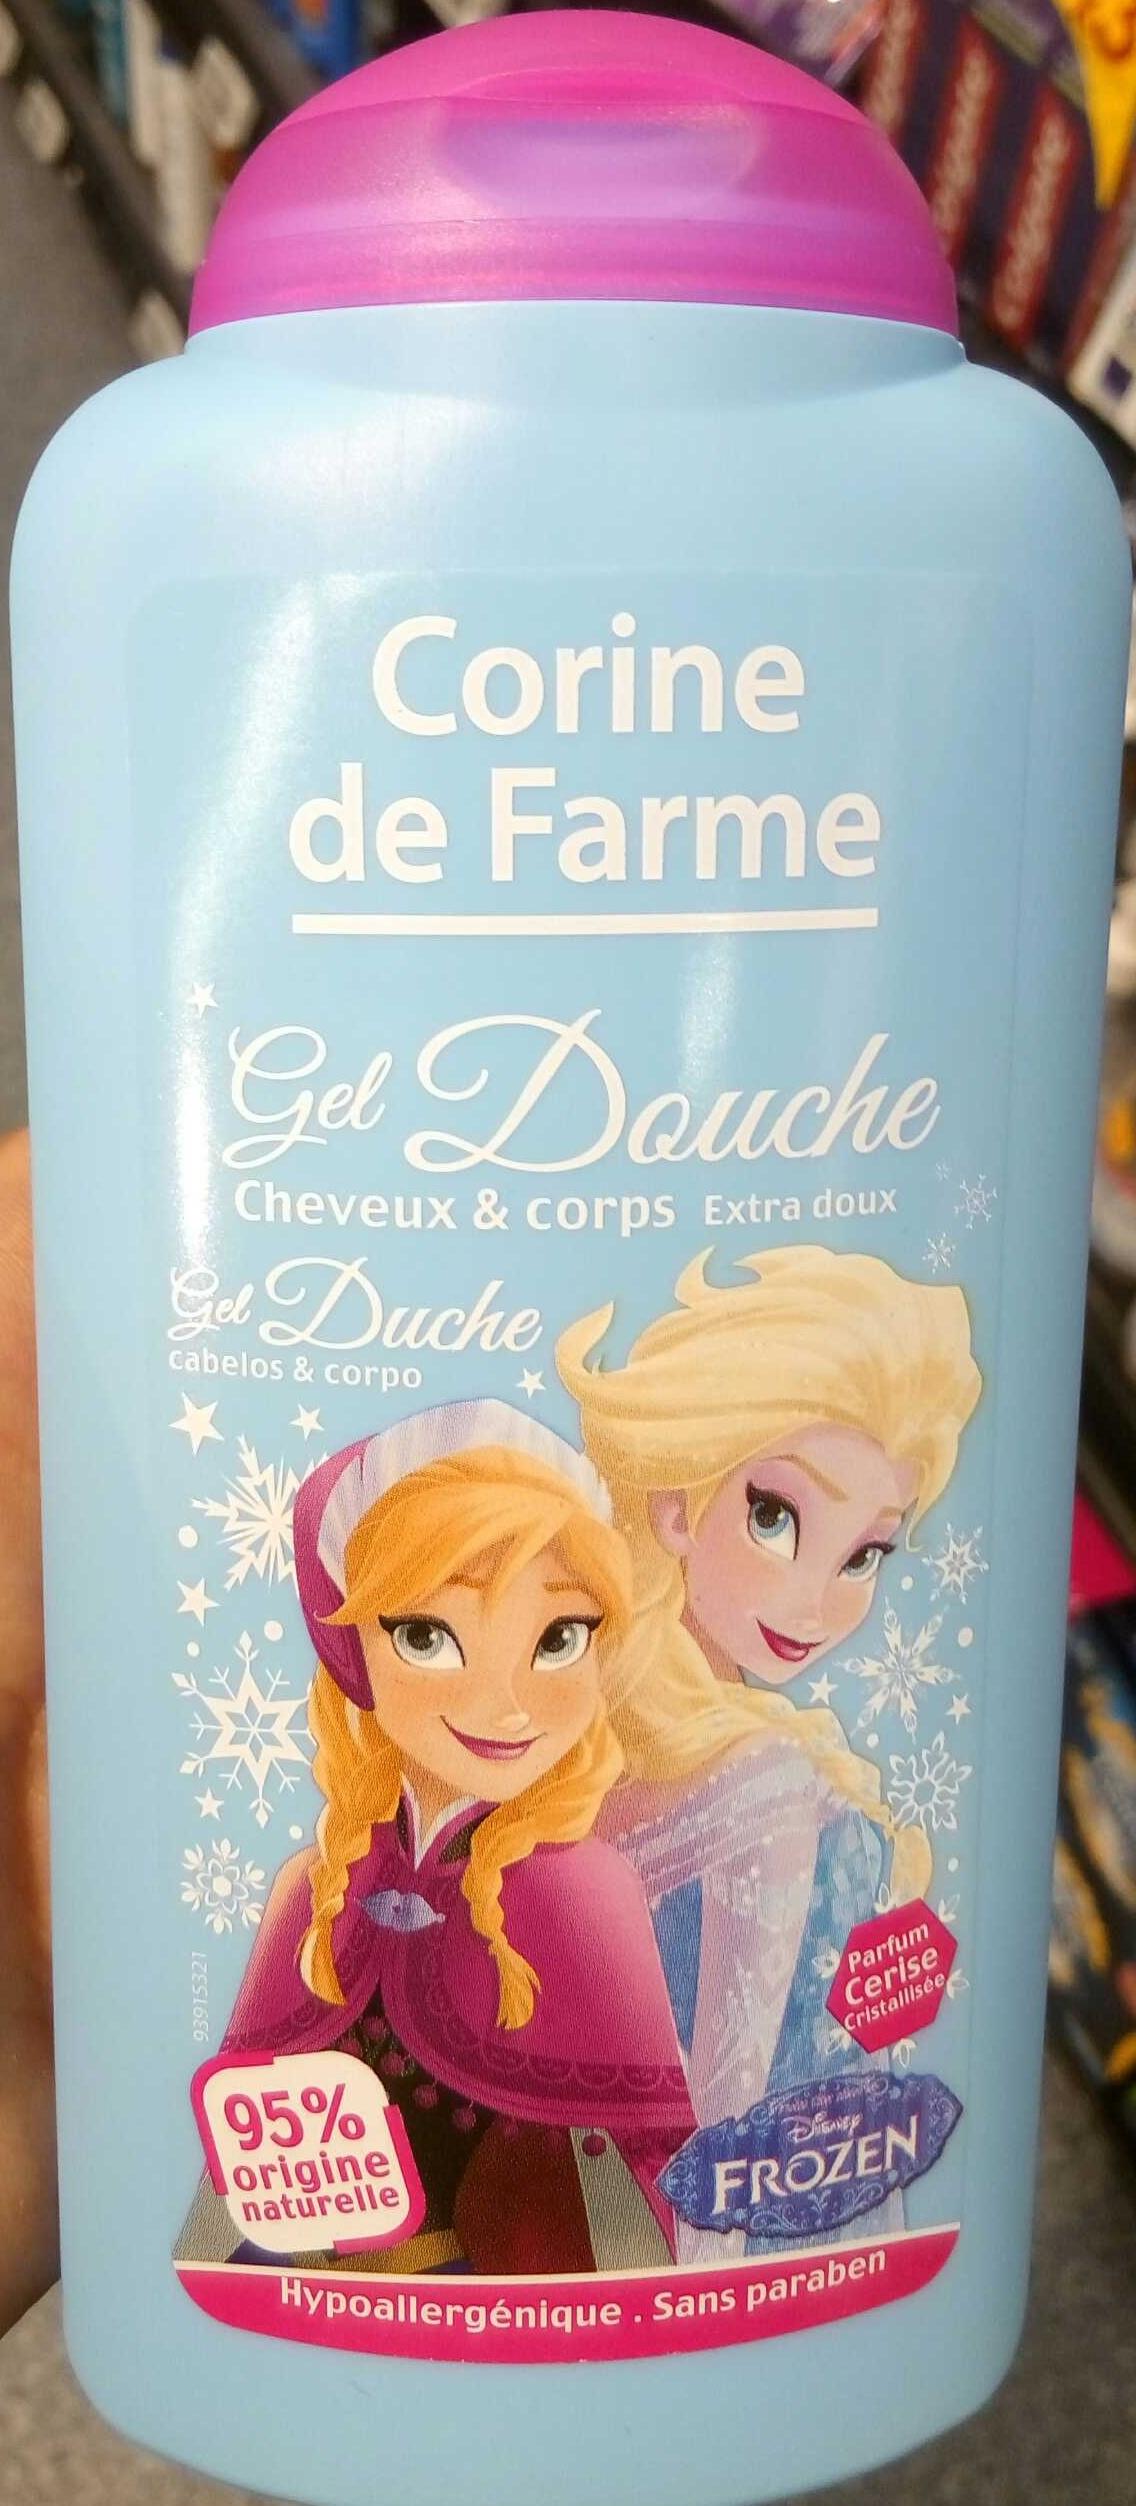 Gel douche cheveux et corps extra doux Parfum Cerise cristallisée - Produit - fr